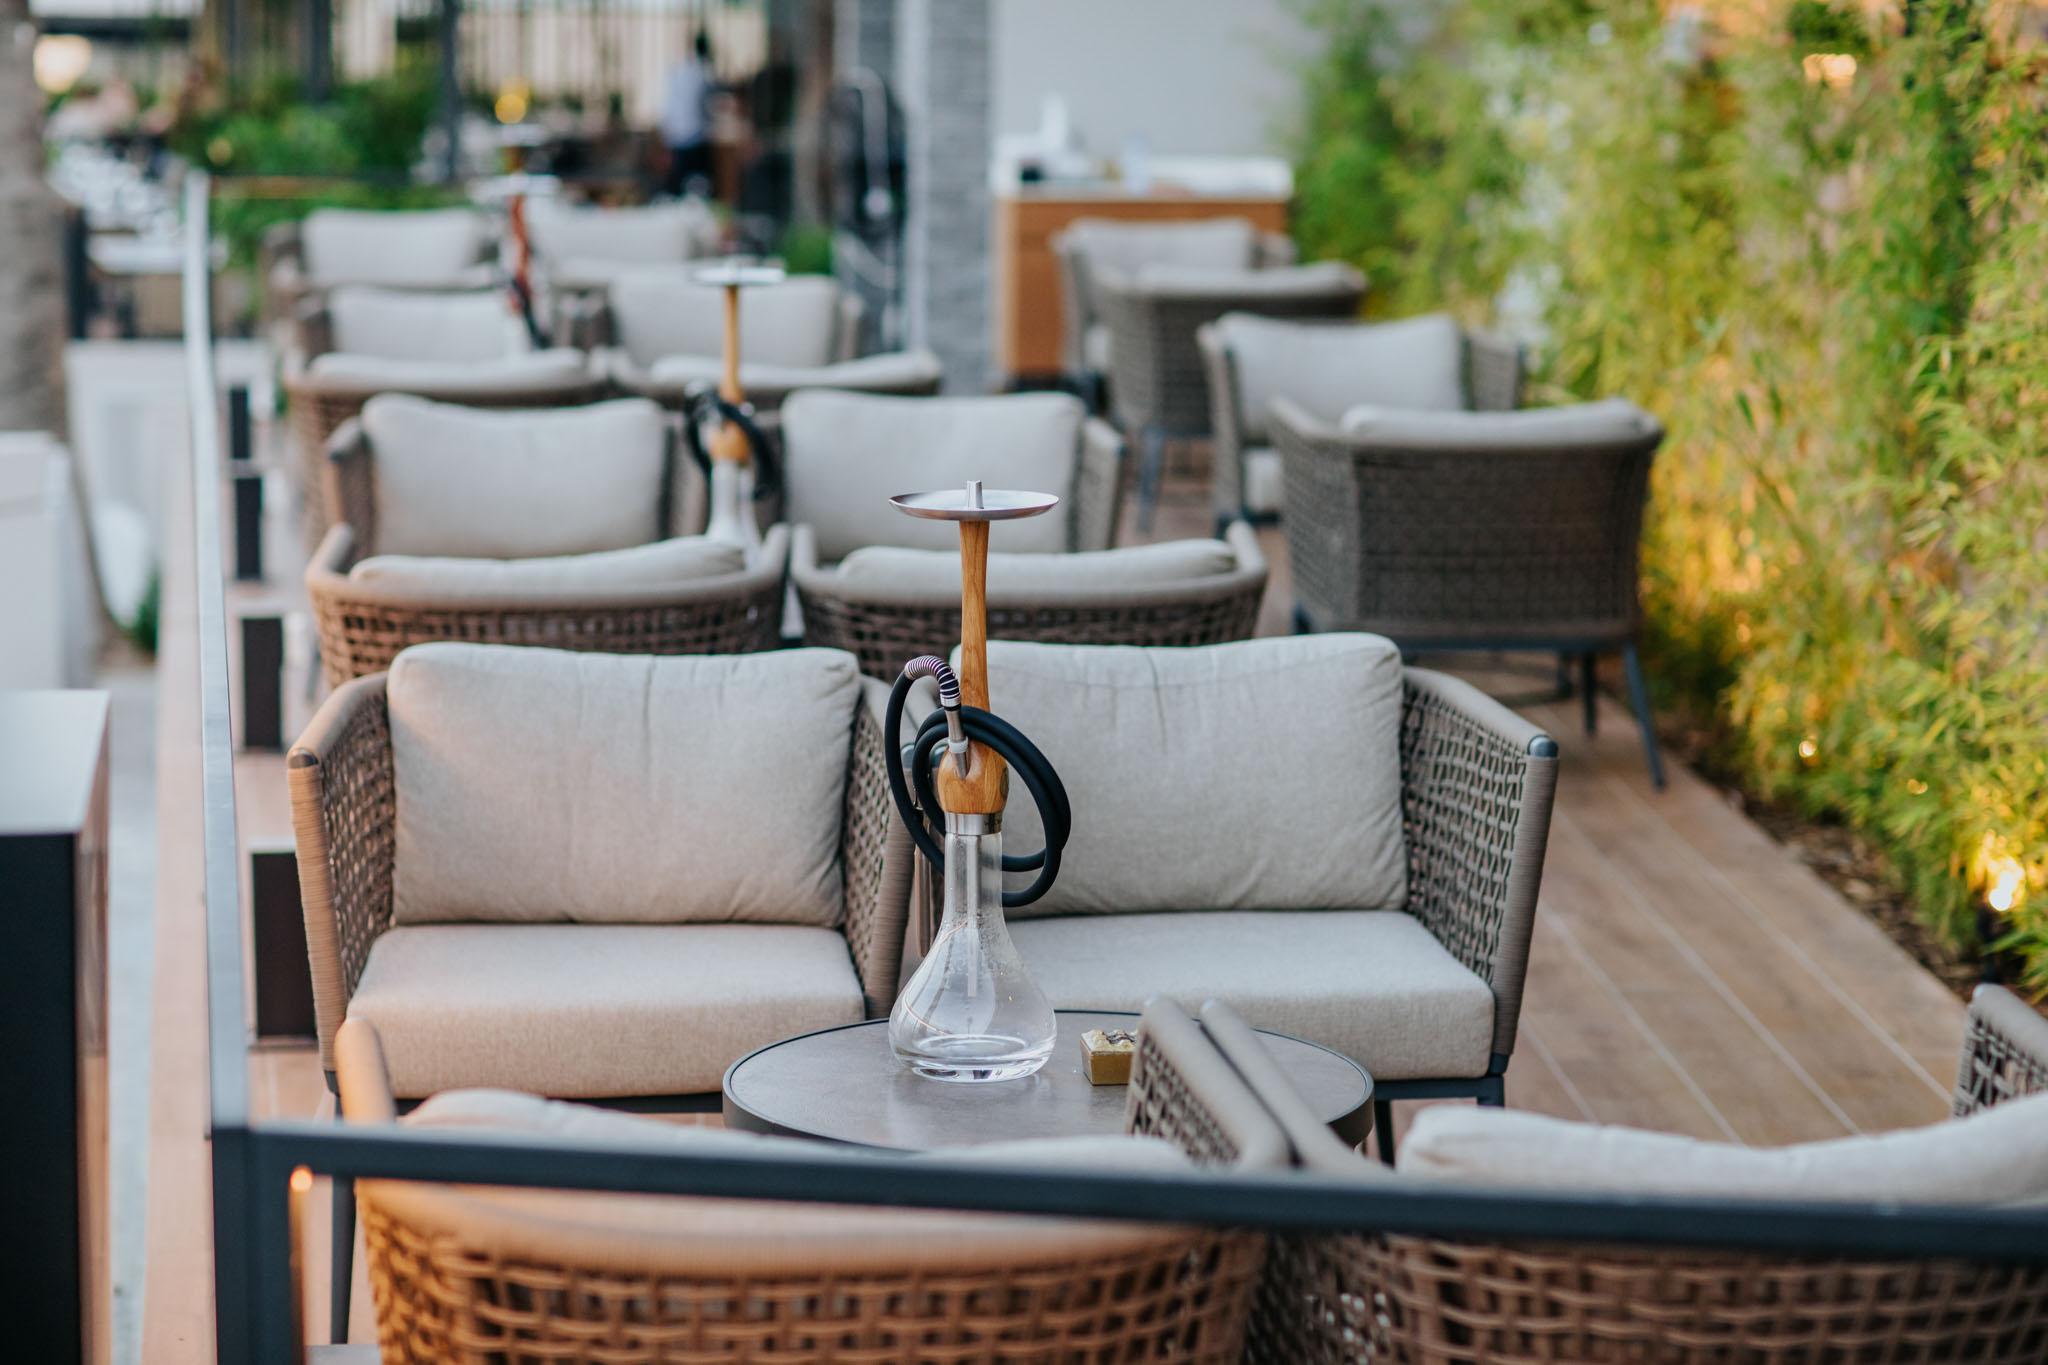 Napa-Plaza-restaurants-562